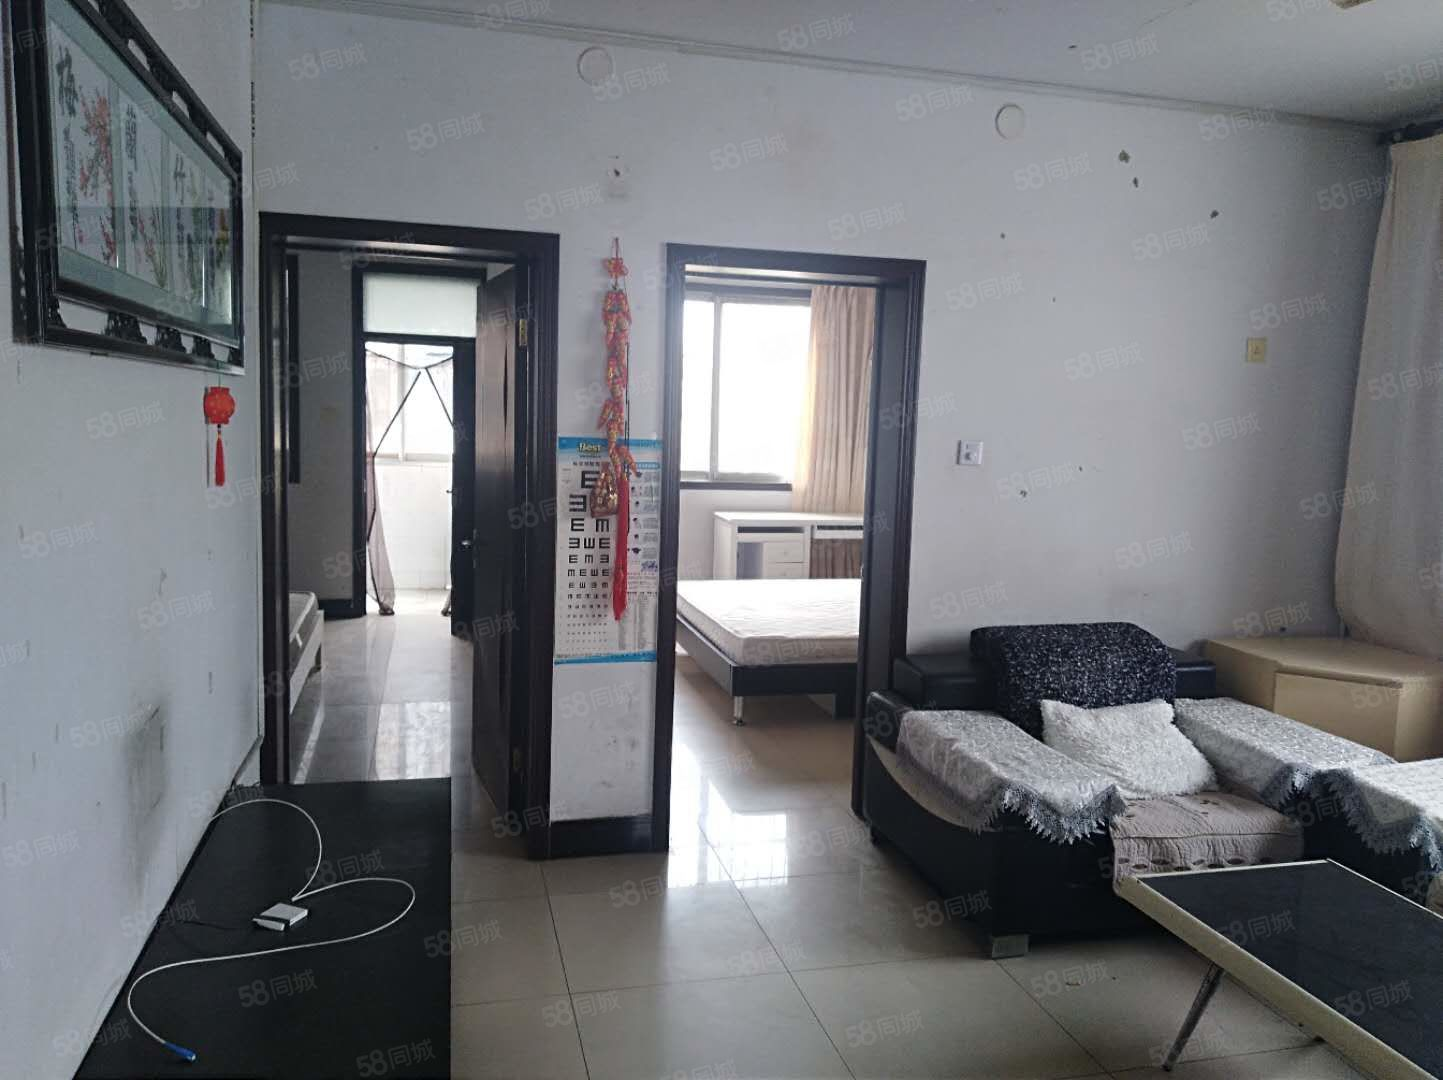 人民路万鑫苑西区三室两厅简单装修有证可过户支持按揭